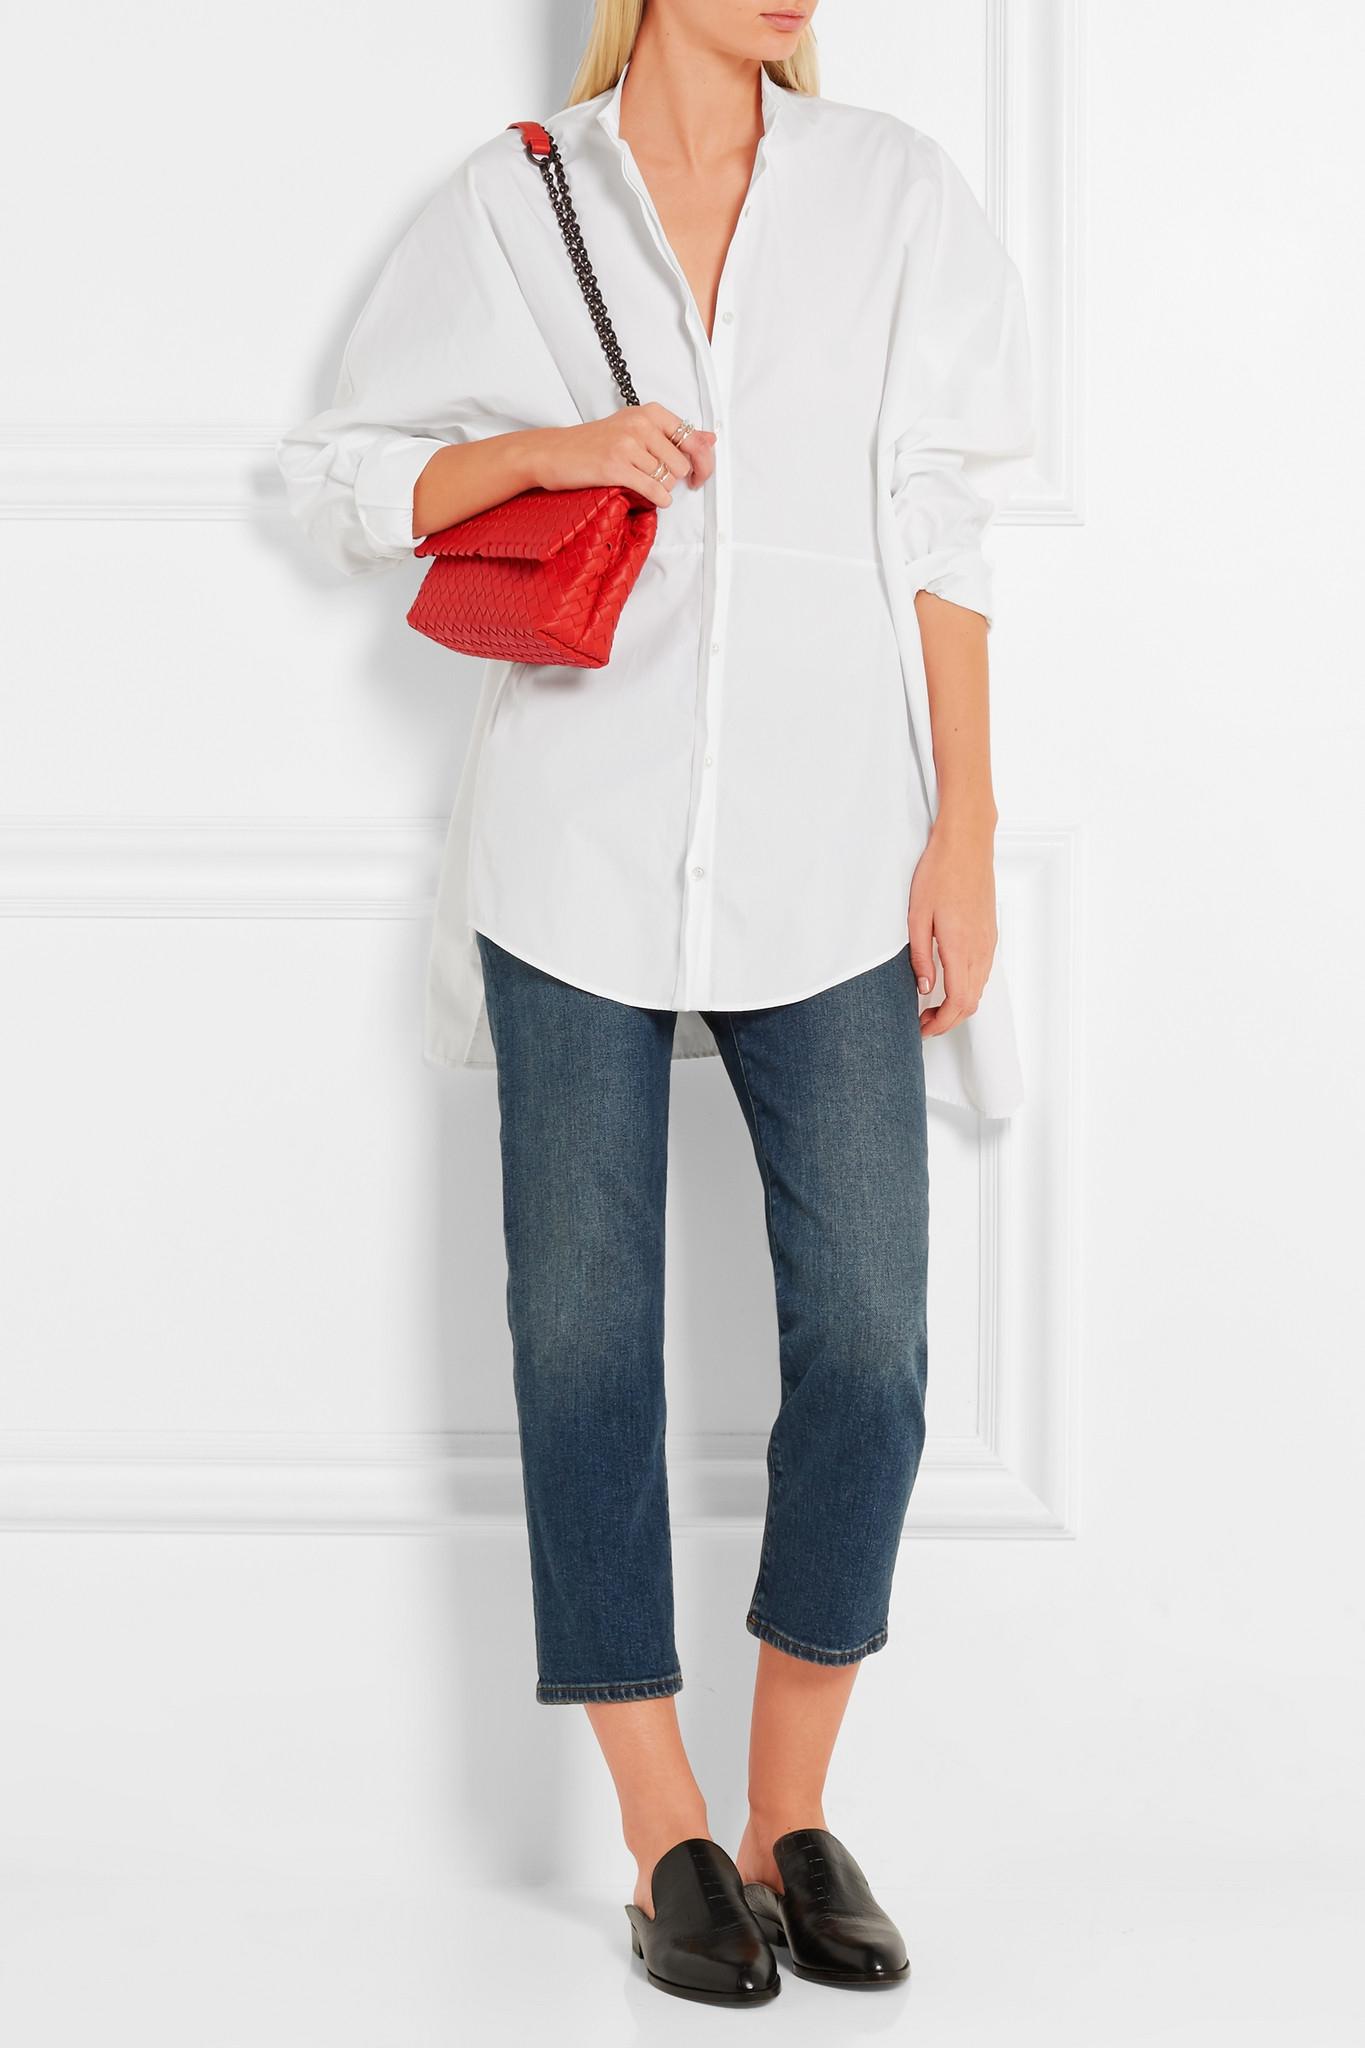 321c6afa25c3 Bottega Veneta Olimpia Mini Intrecciato Leather Shoulder Bag in Red ...